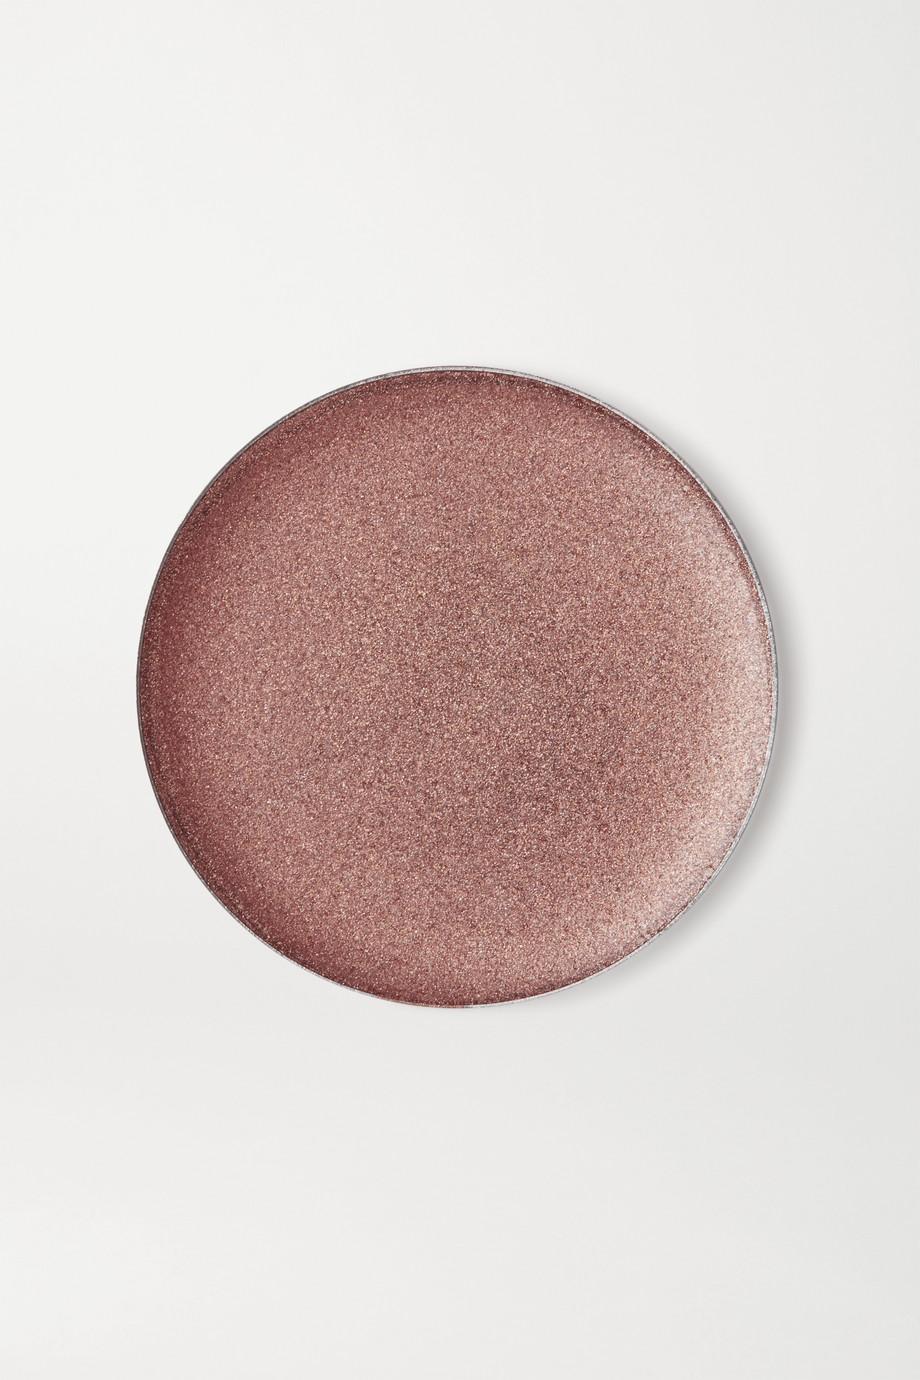 Kjaer Weis Recharge pour ombre à paupières crème, Gorgeous